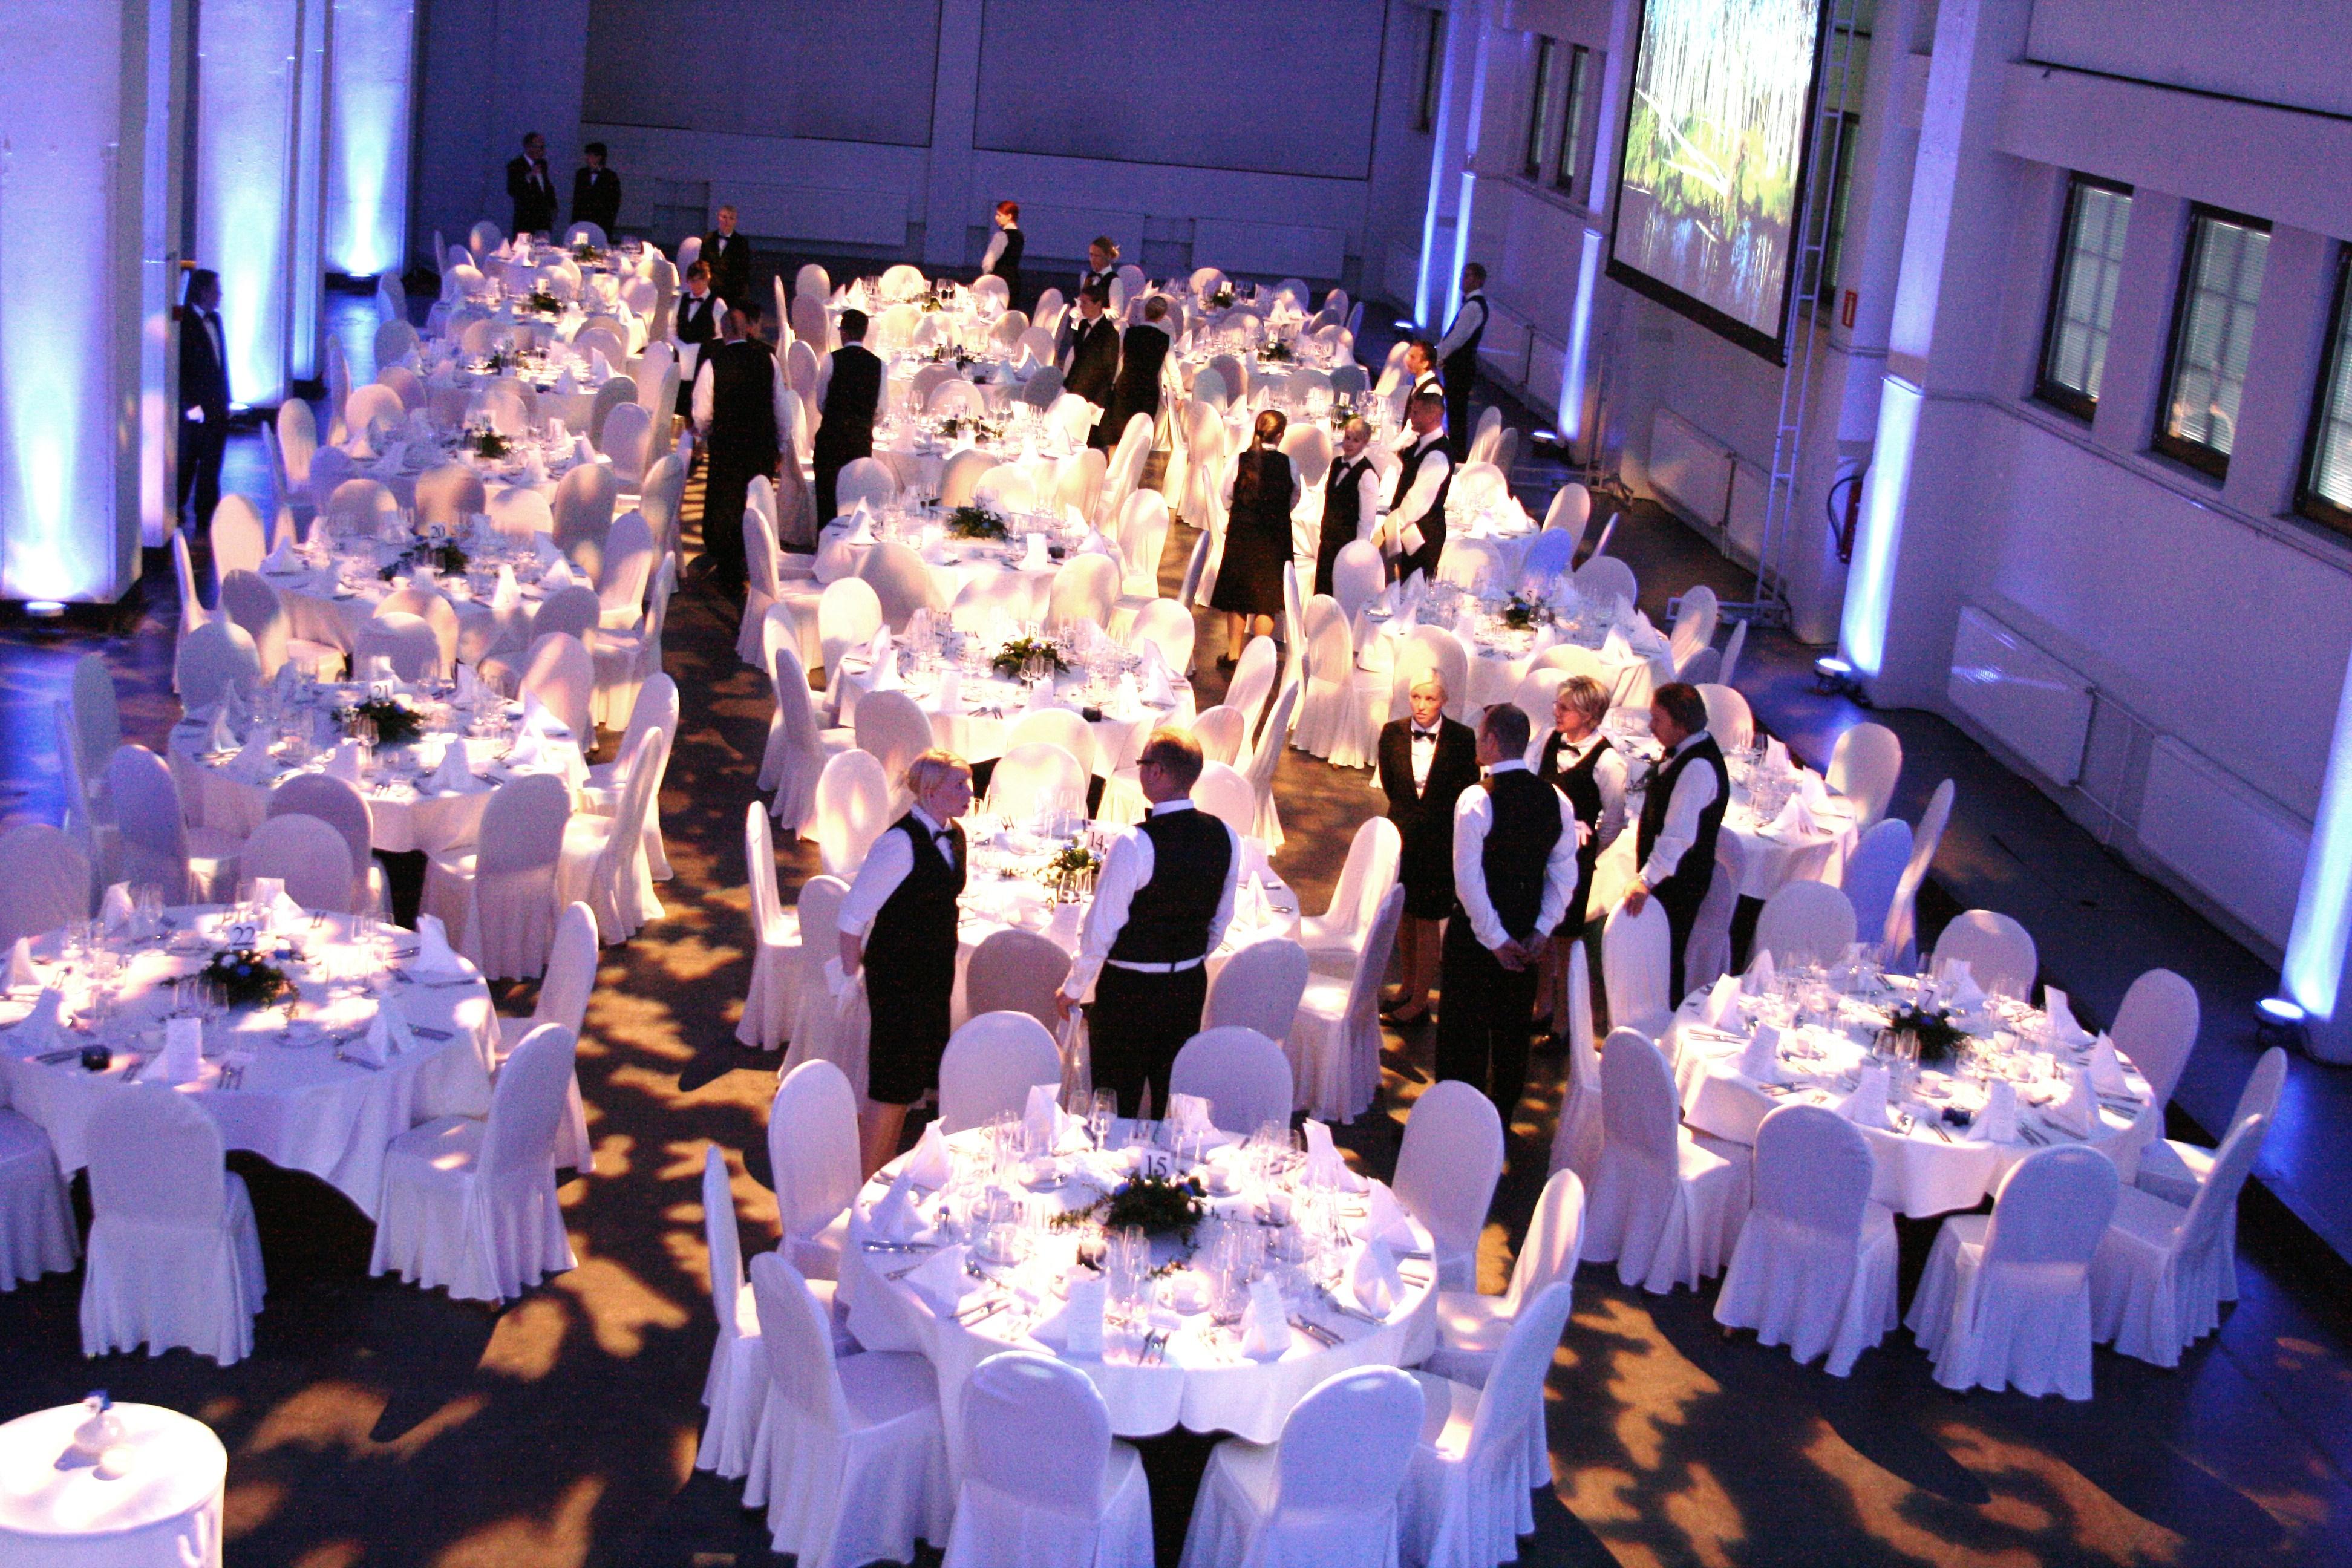 Kattilahalli gaala, istuva illallinen 600 hengelle